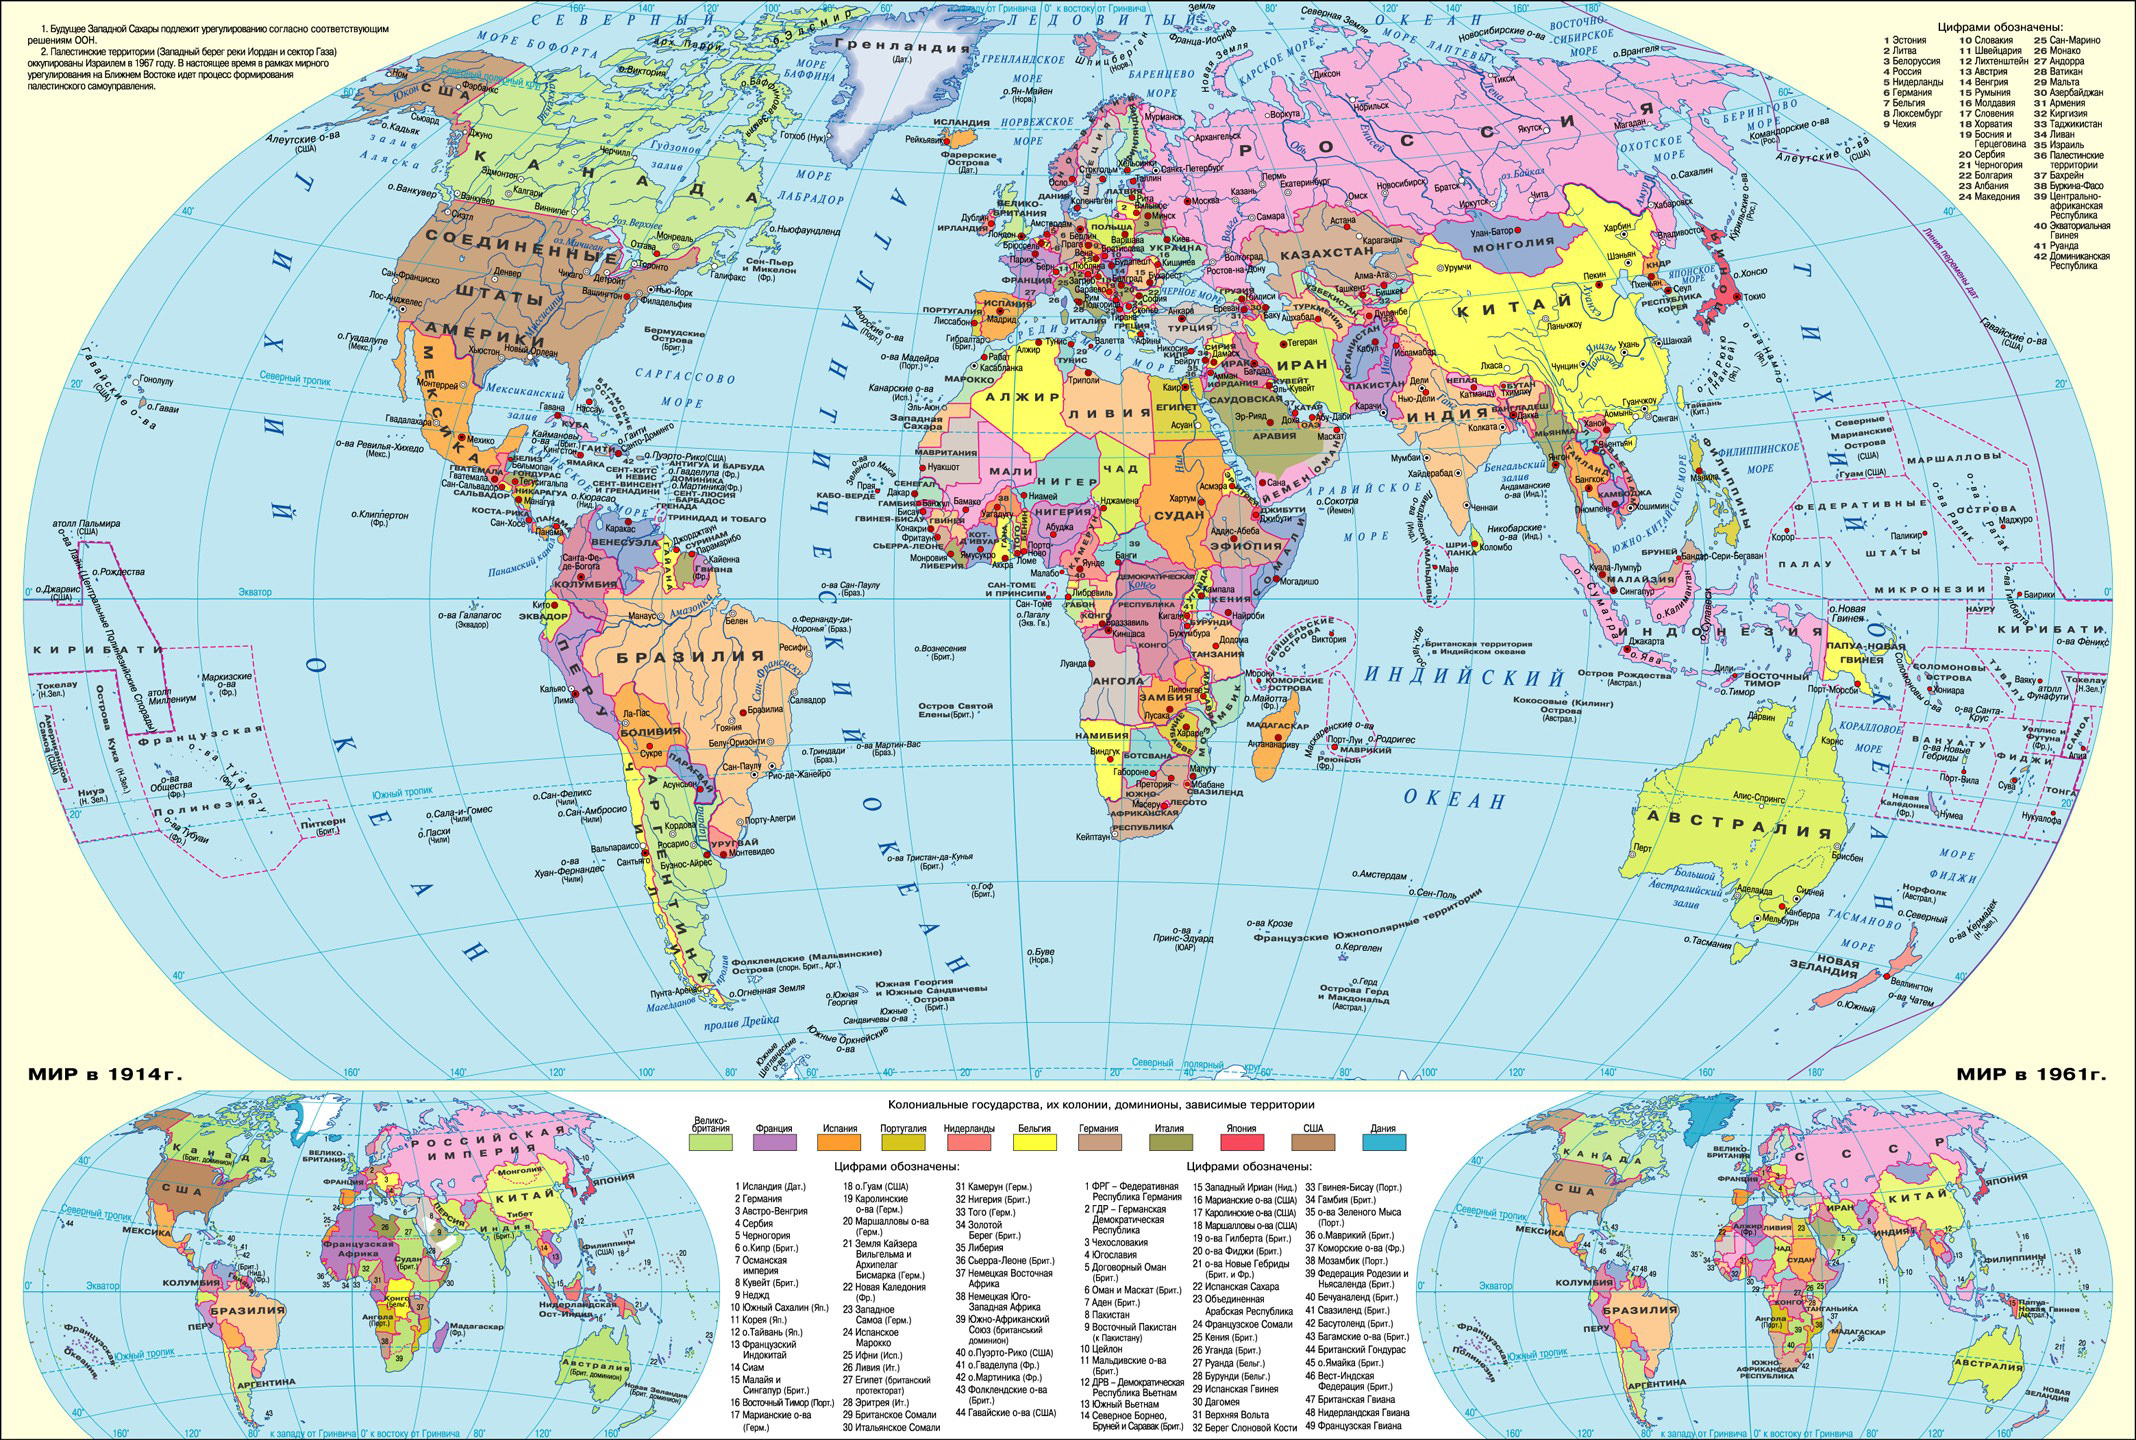 Карта мира на русском языке и со странами. Подробные изображения 2